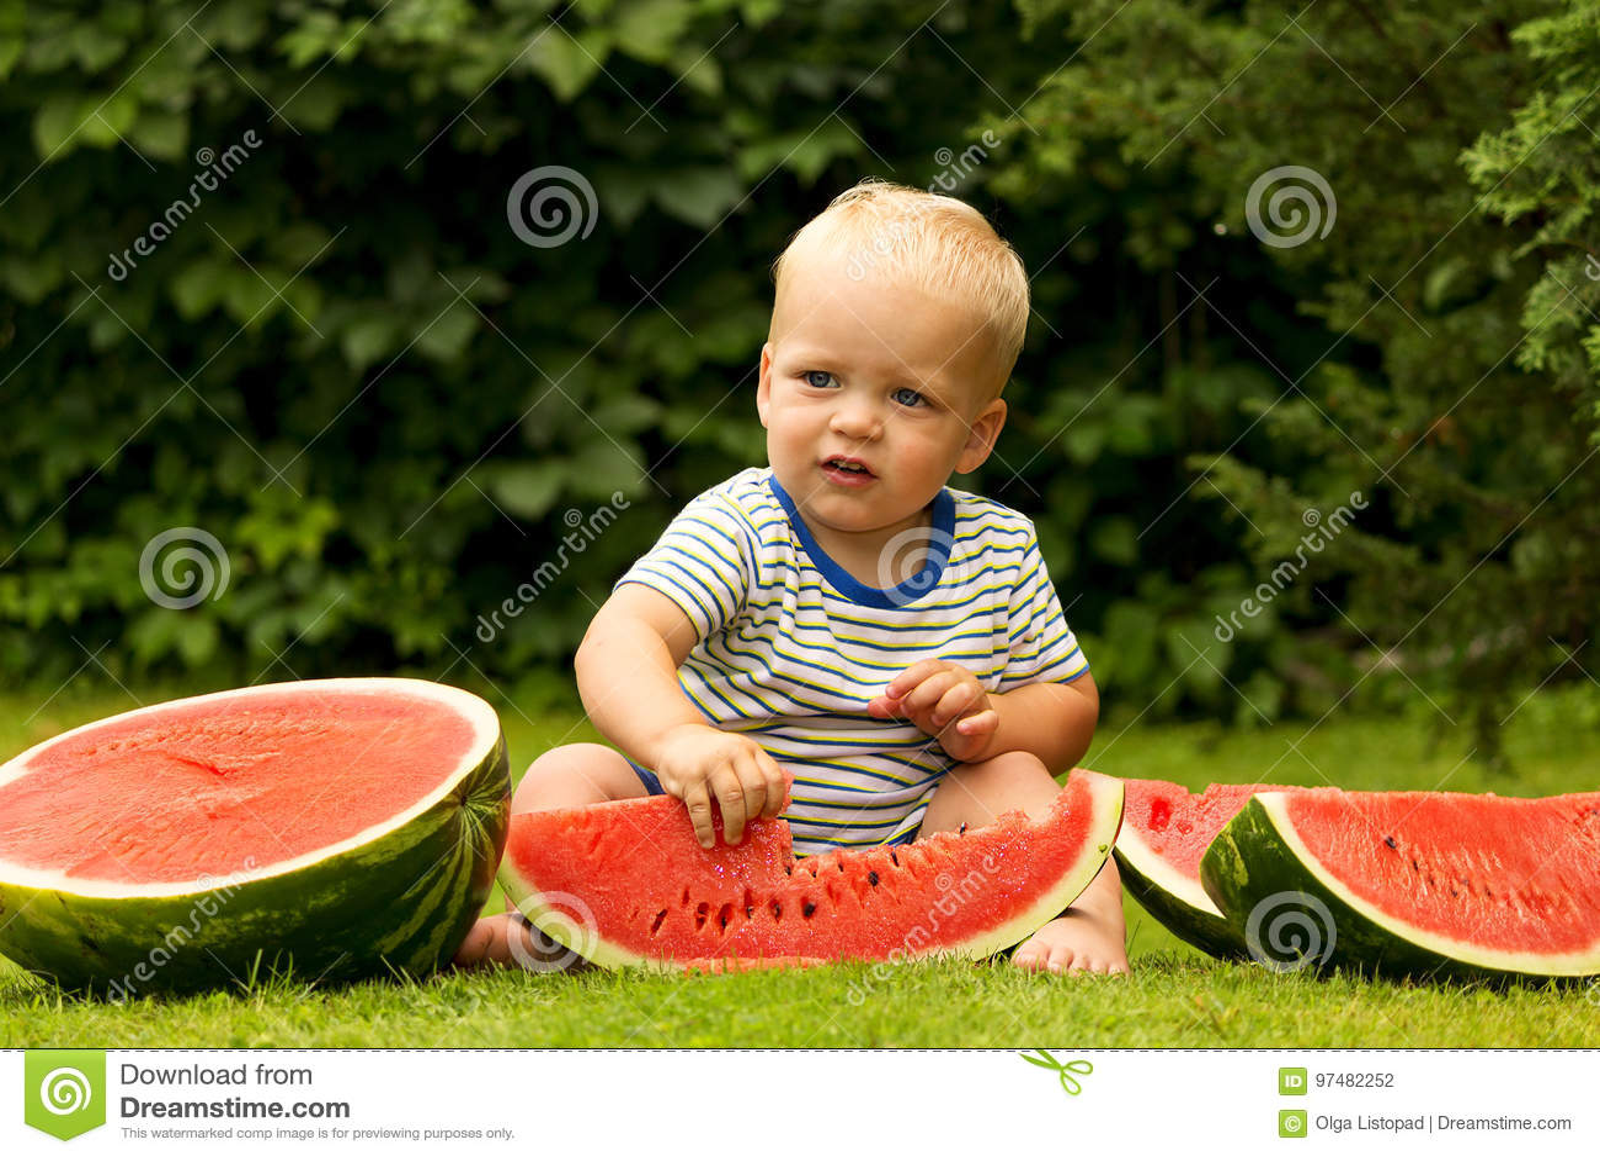 Neonato sveglio che mangia anguria sul prato inglese nel parco verde